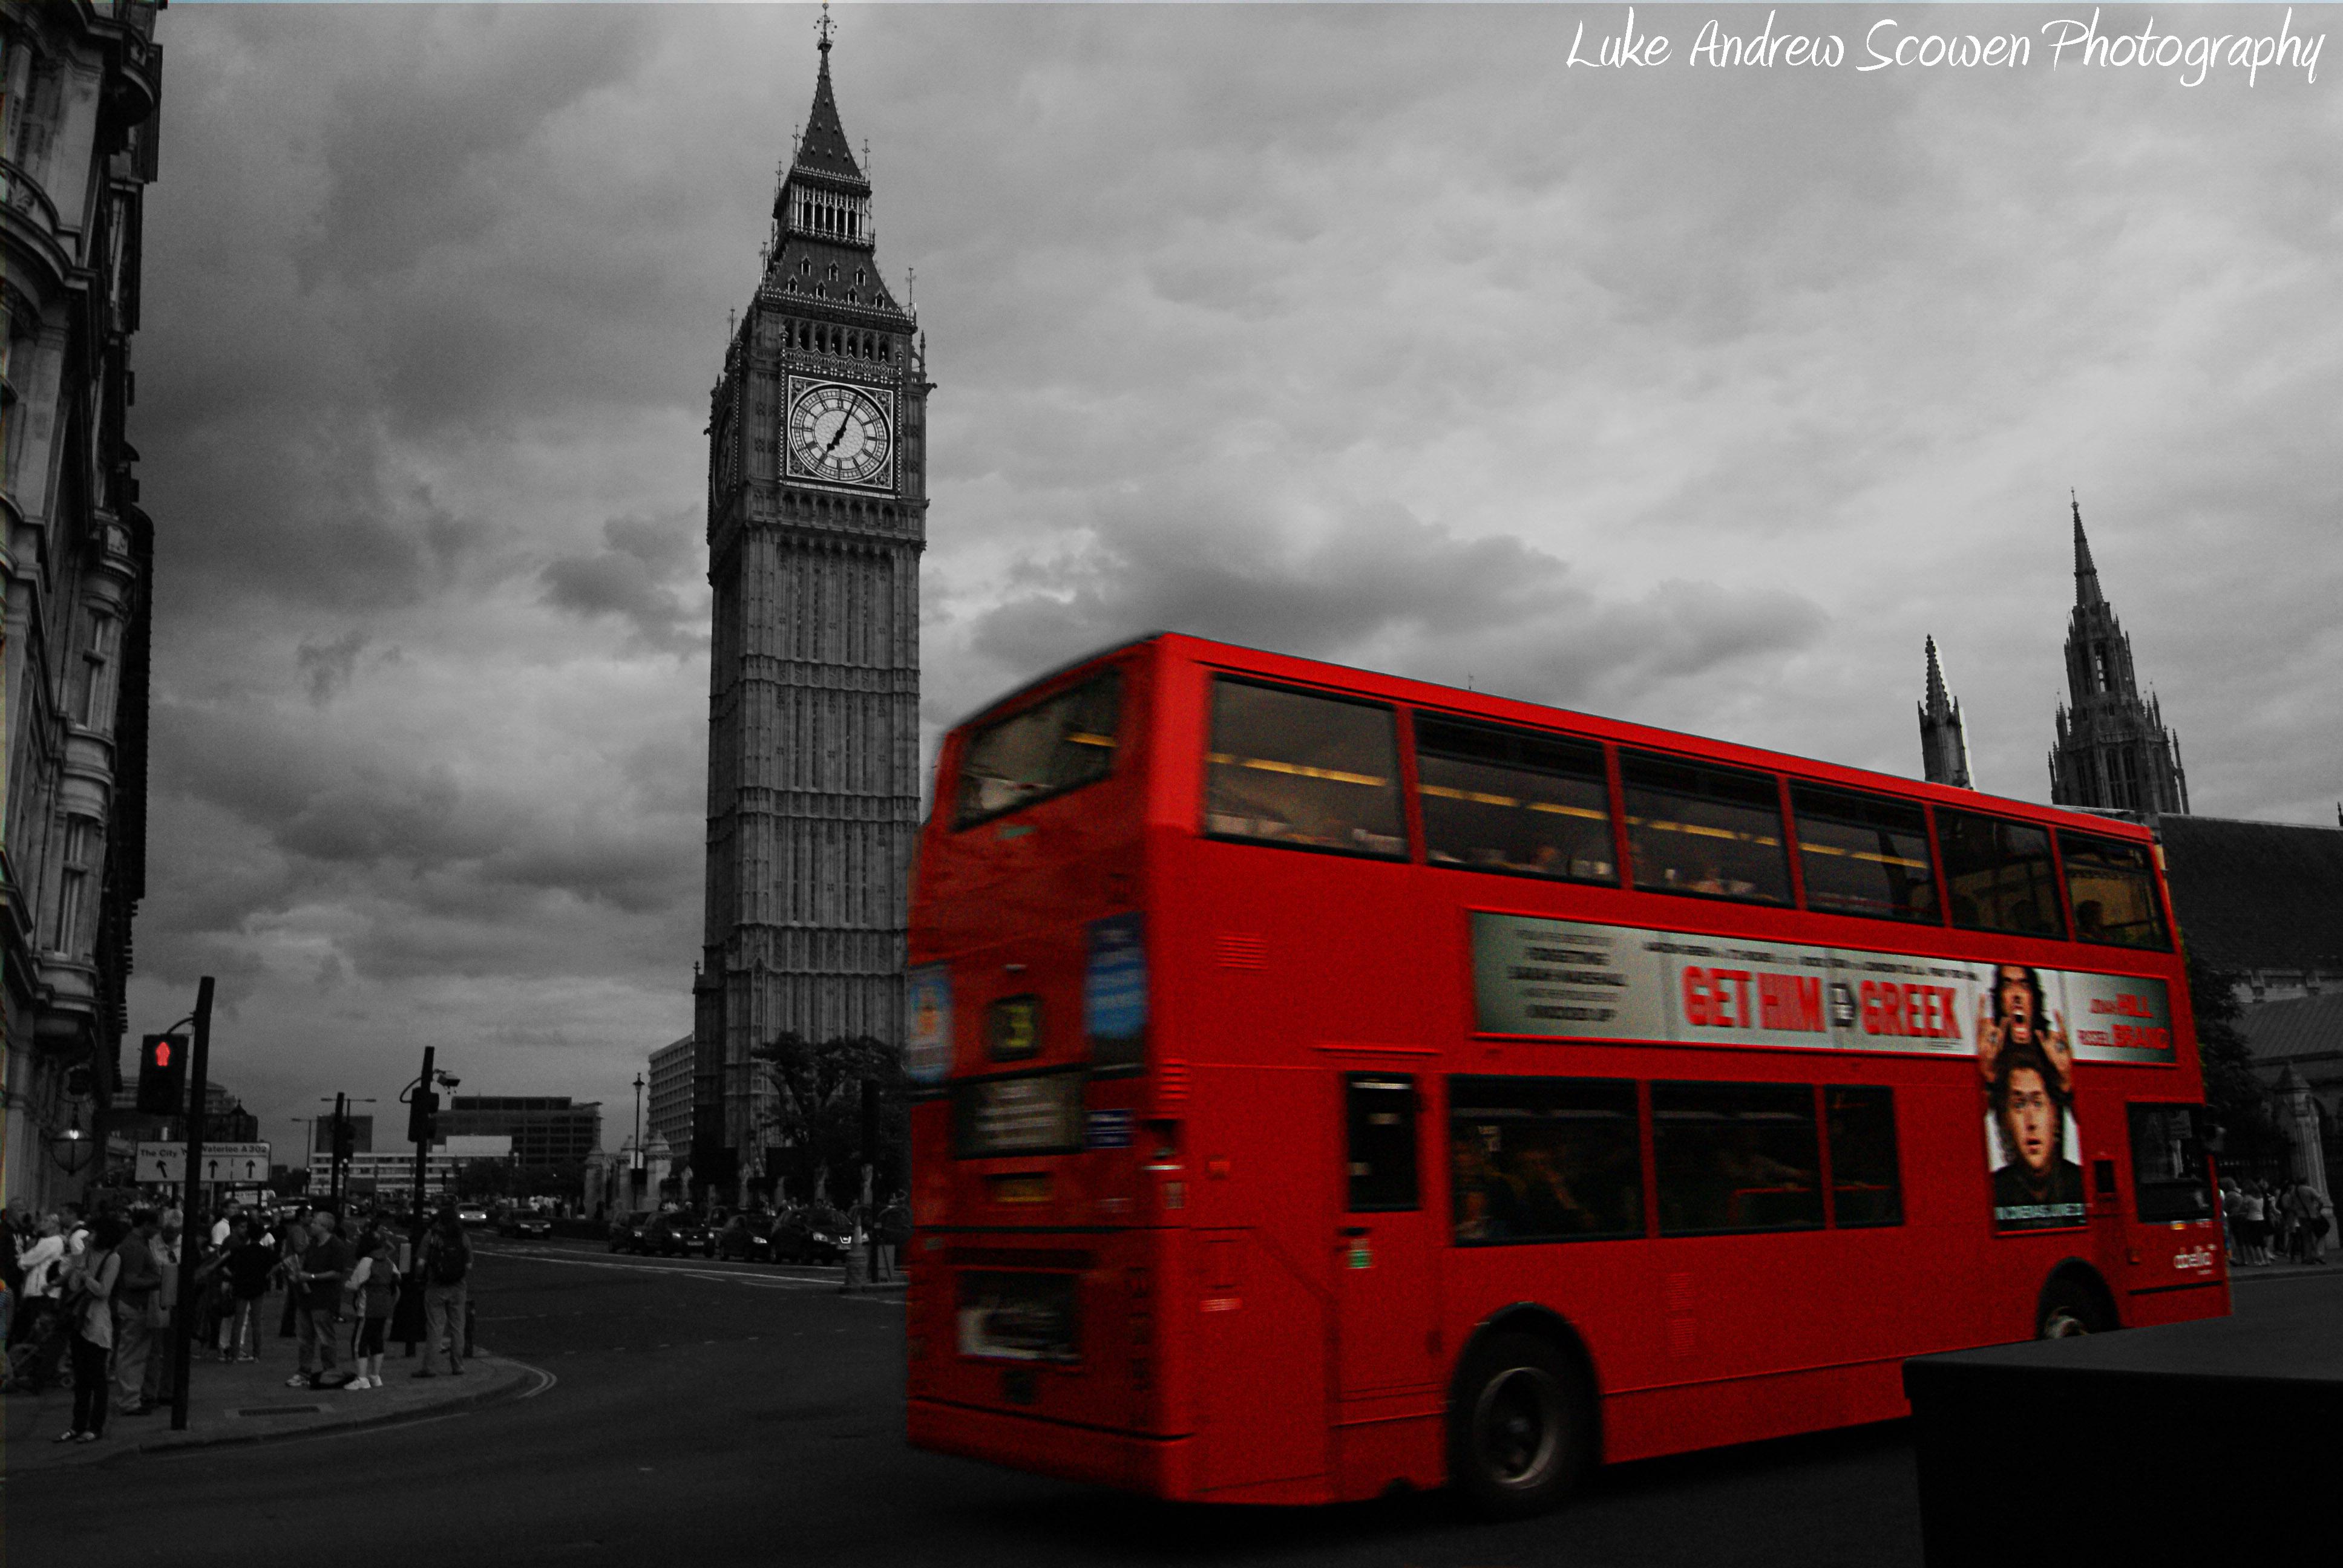 юрьевна лондонский автобус фото высокого разрешения обладает удивительной